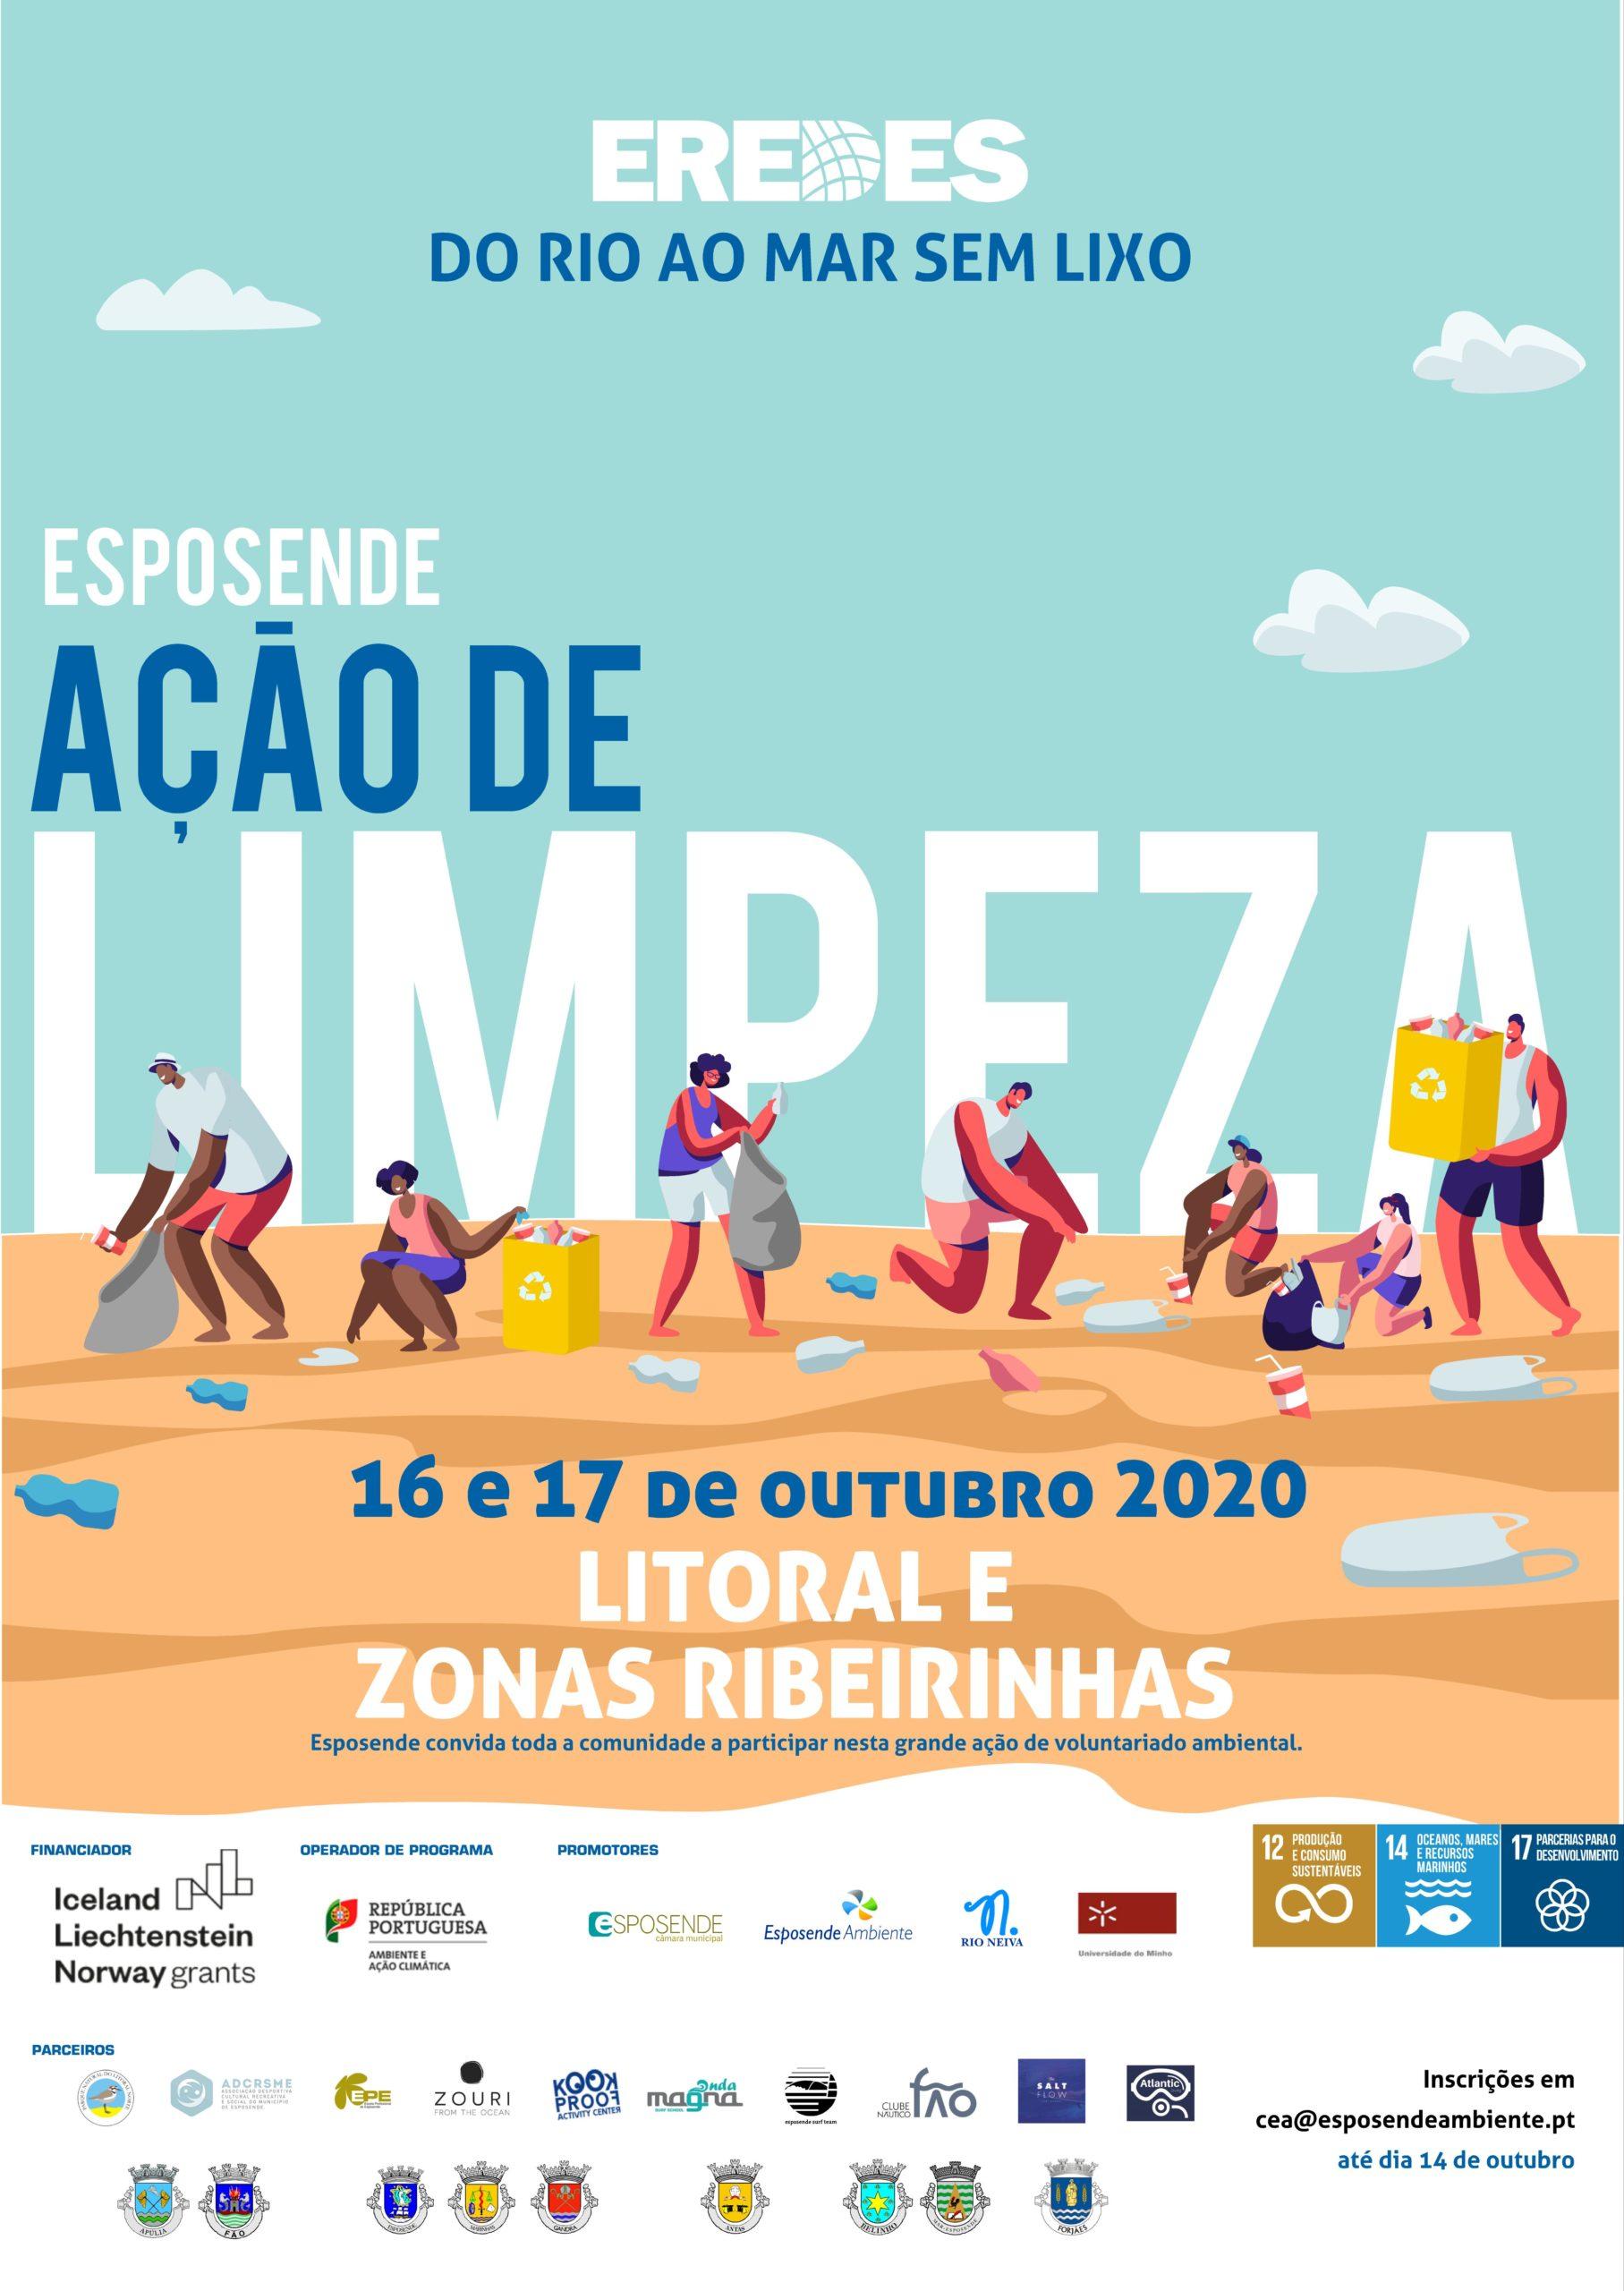 limpeza_2020